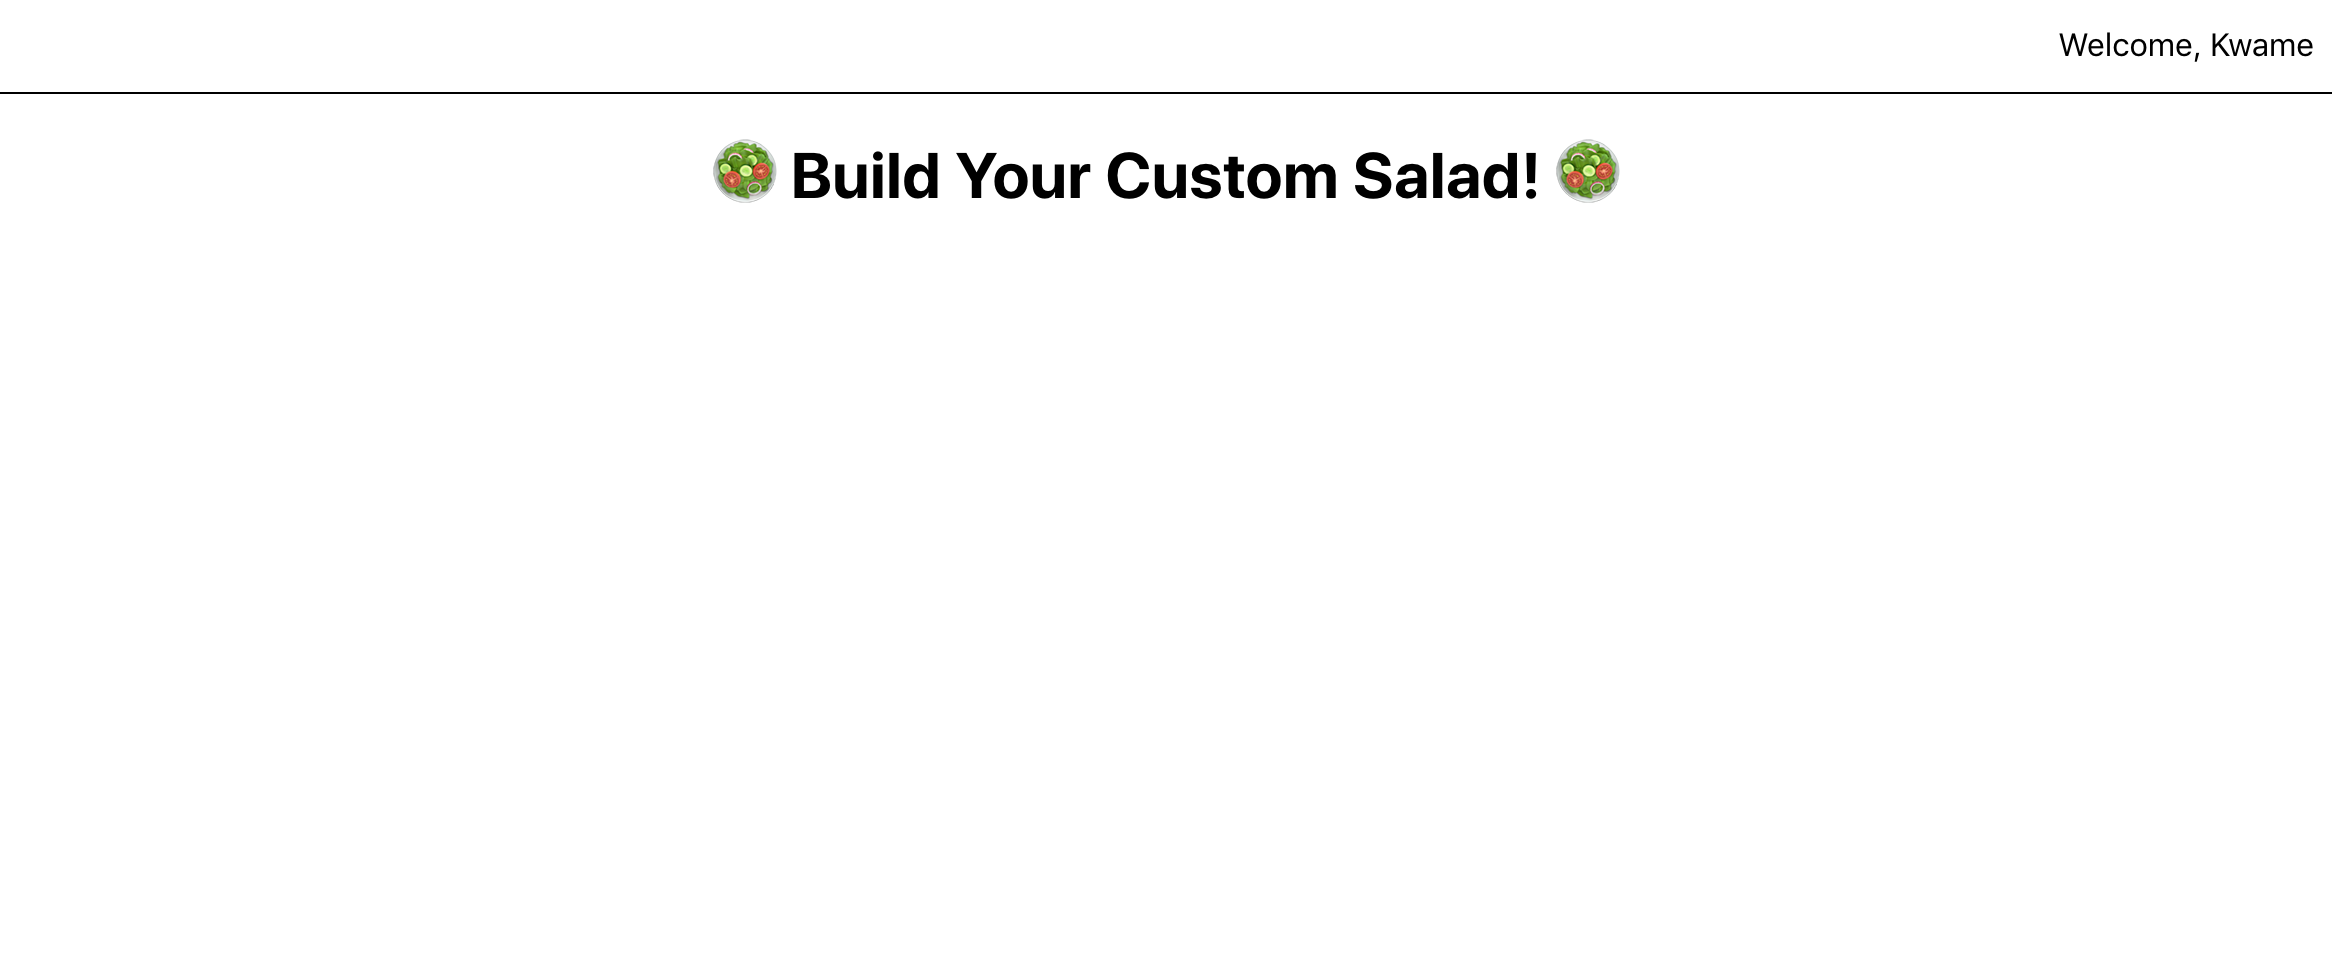 Salad Maker Page